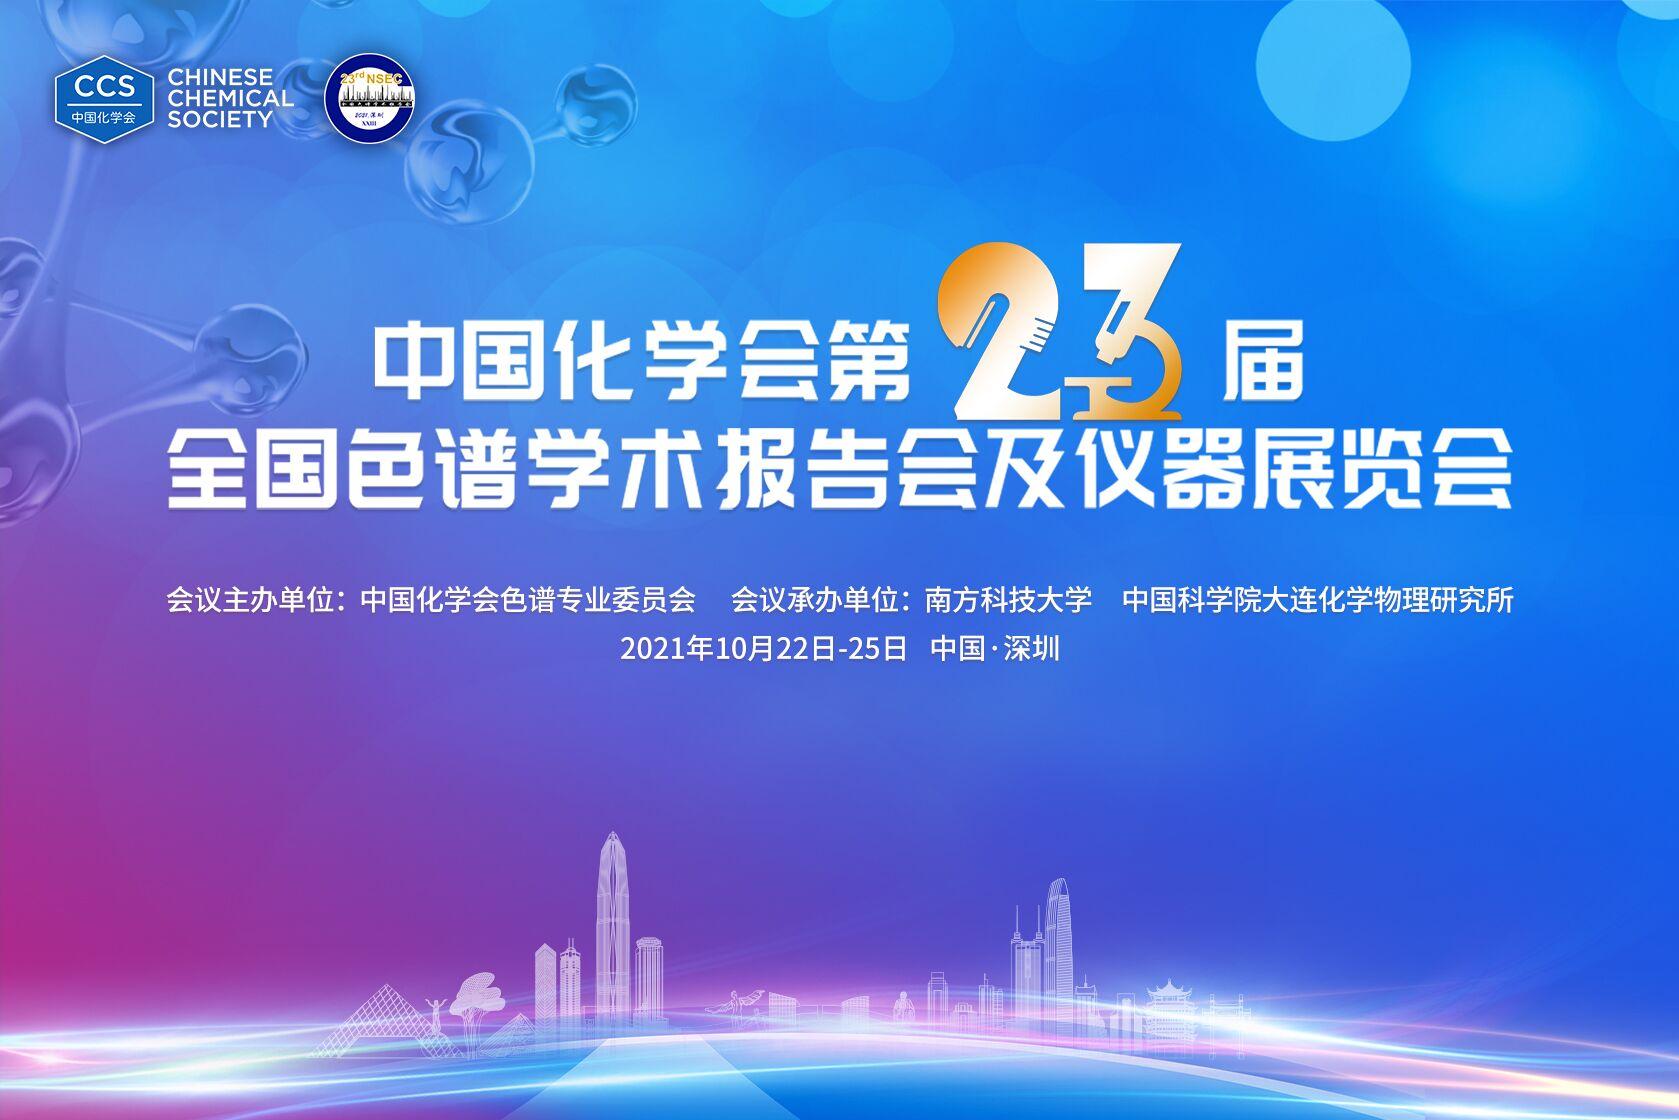 中国化学会第23届全国色谱学术报告会及仪器展览会